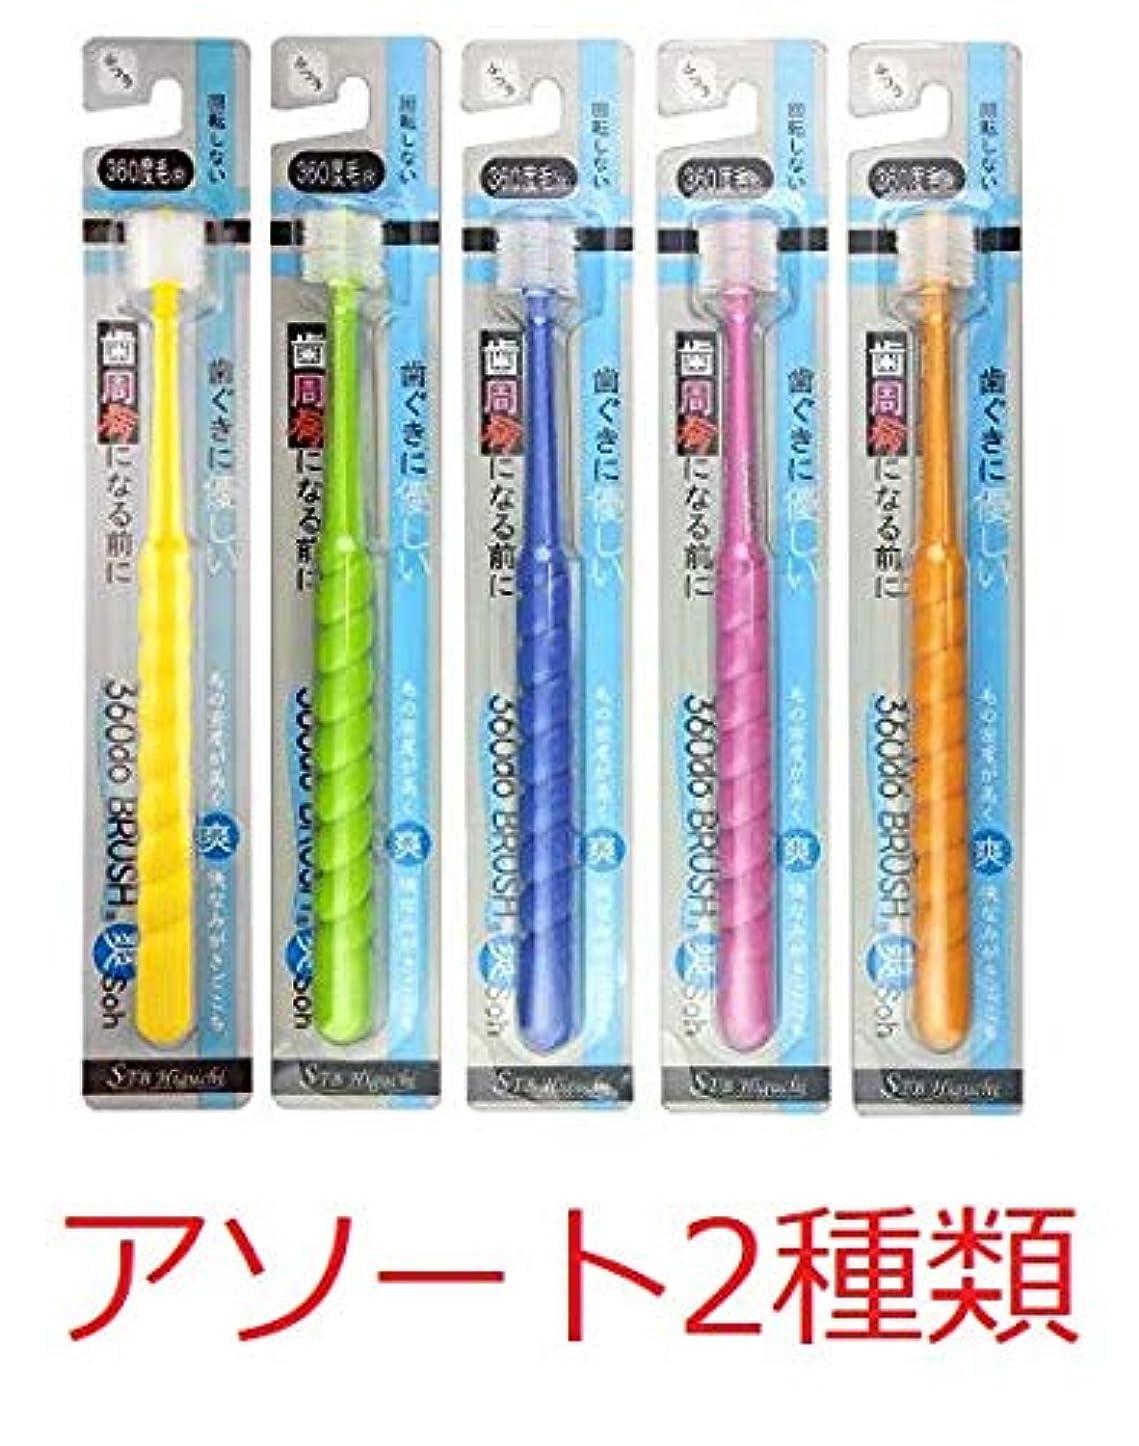 恐れメタン混沌360度歯ブラシ 360do BRUSH 爽(SOH)2個セット (カラーは2色おまかせ)